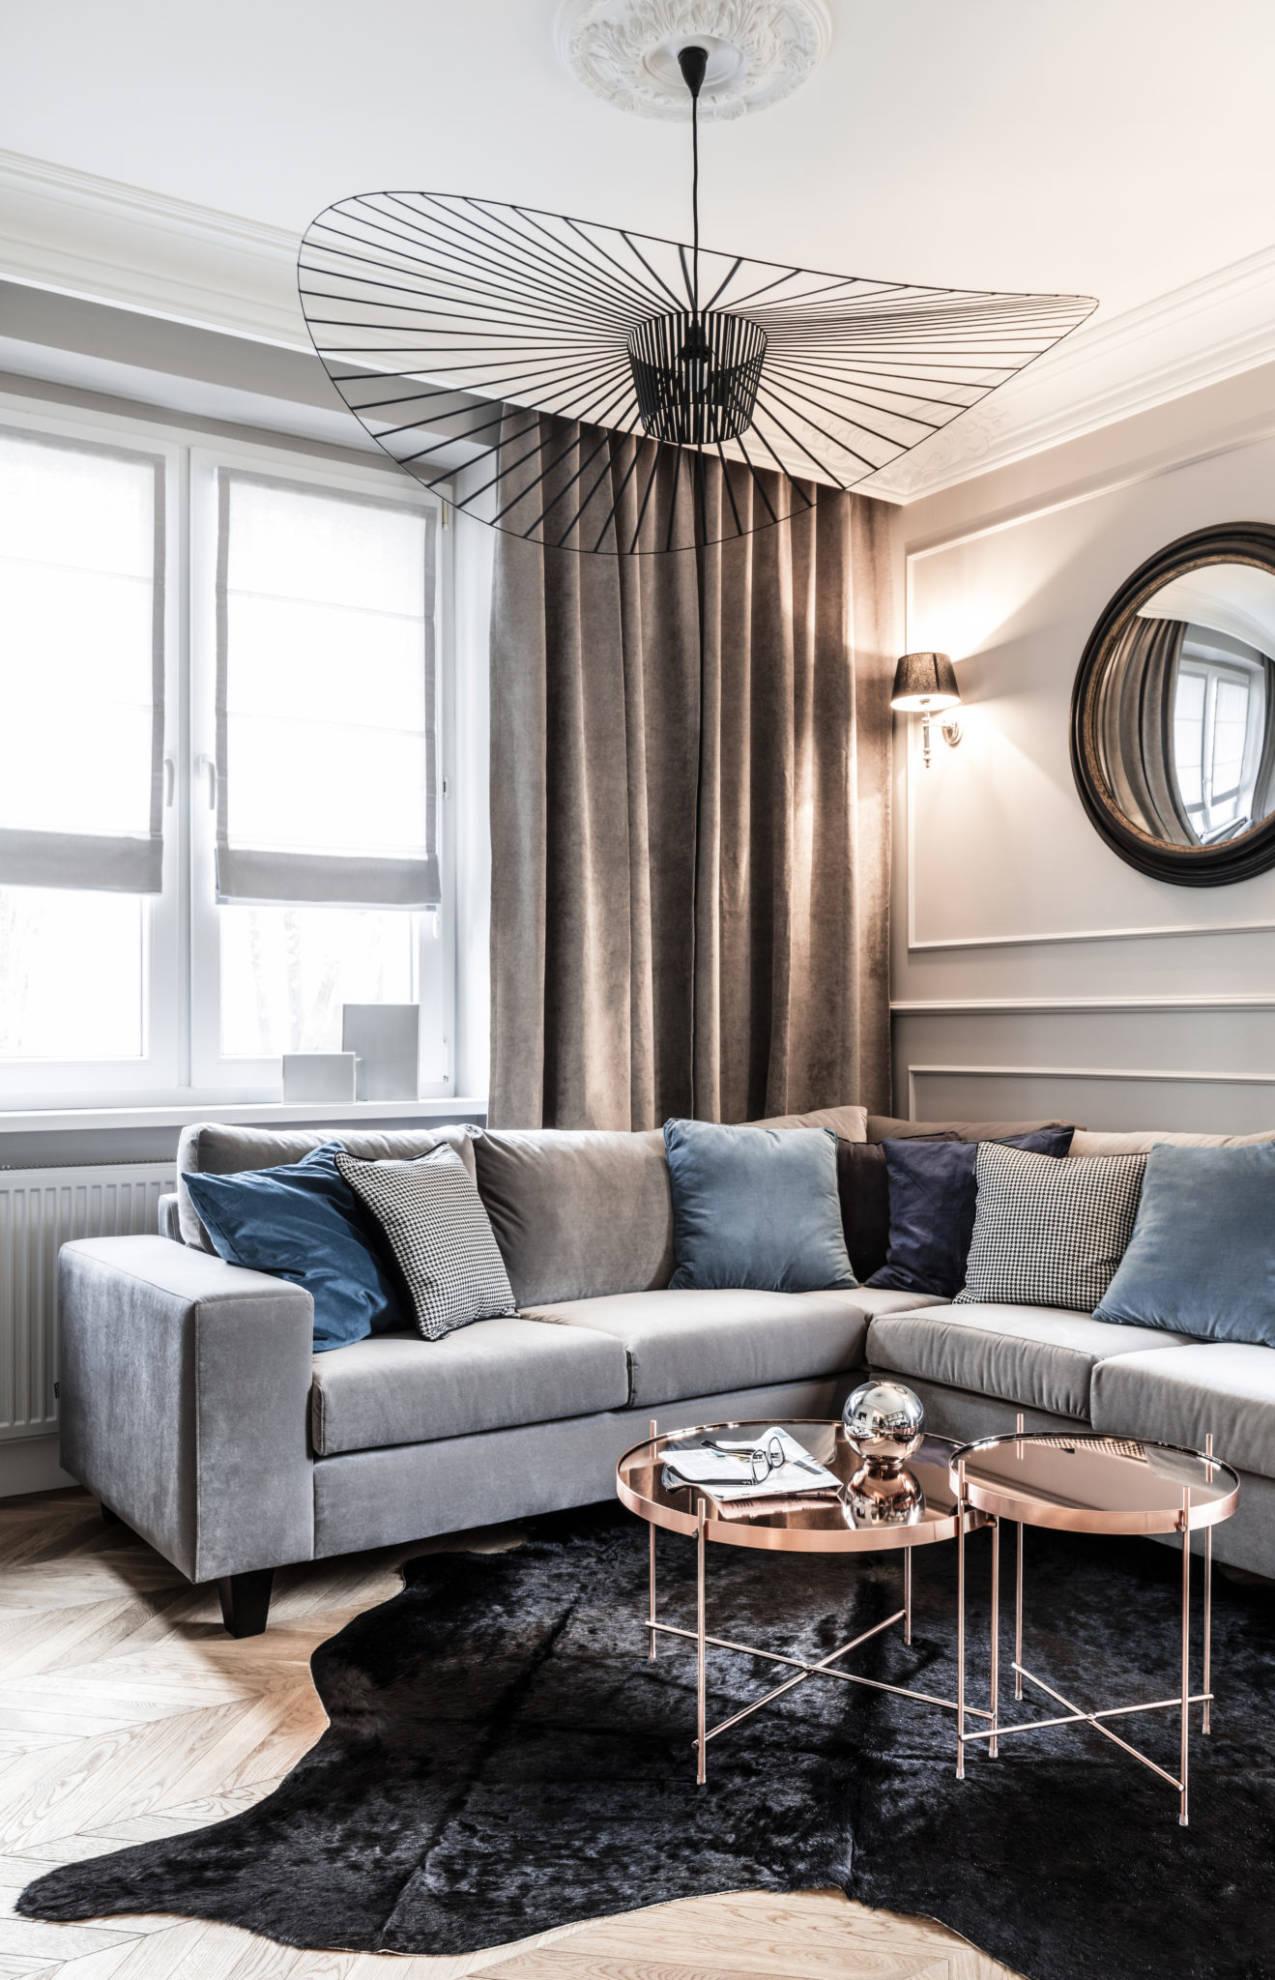 Aranżacja salonu w mieszkaniu w kamienicy - projekt architekt wnętrz Emilia Strzempek Plasun, realizacja SAS Wnętrza i Kuchnie